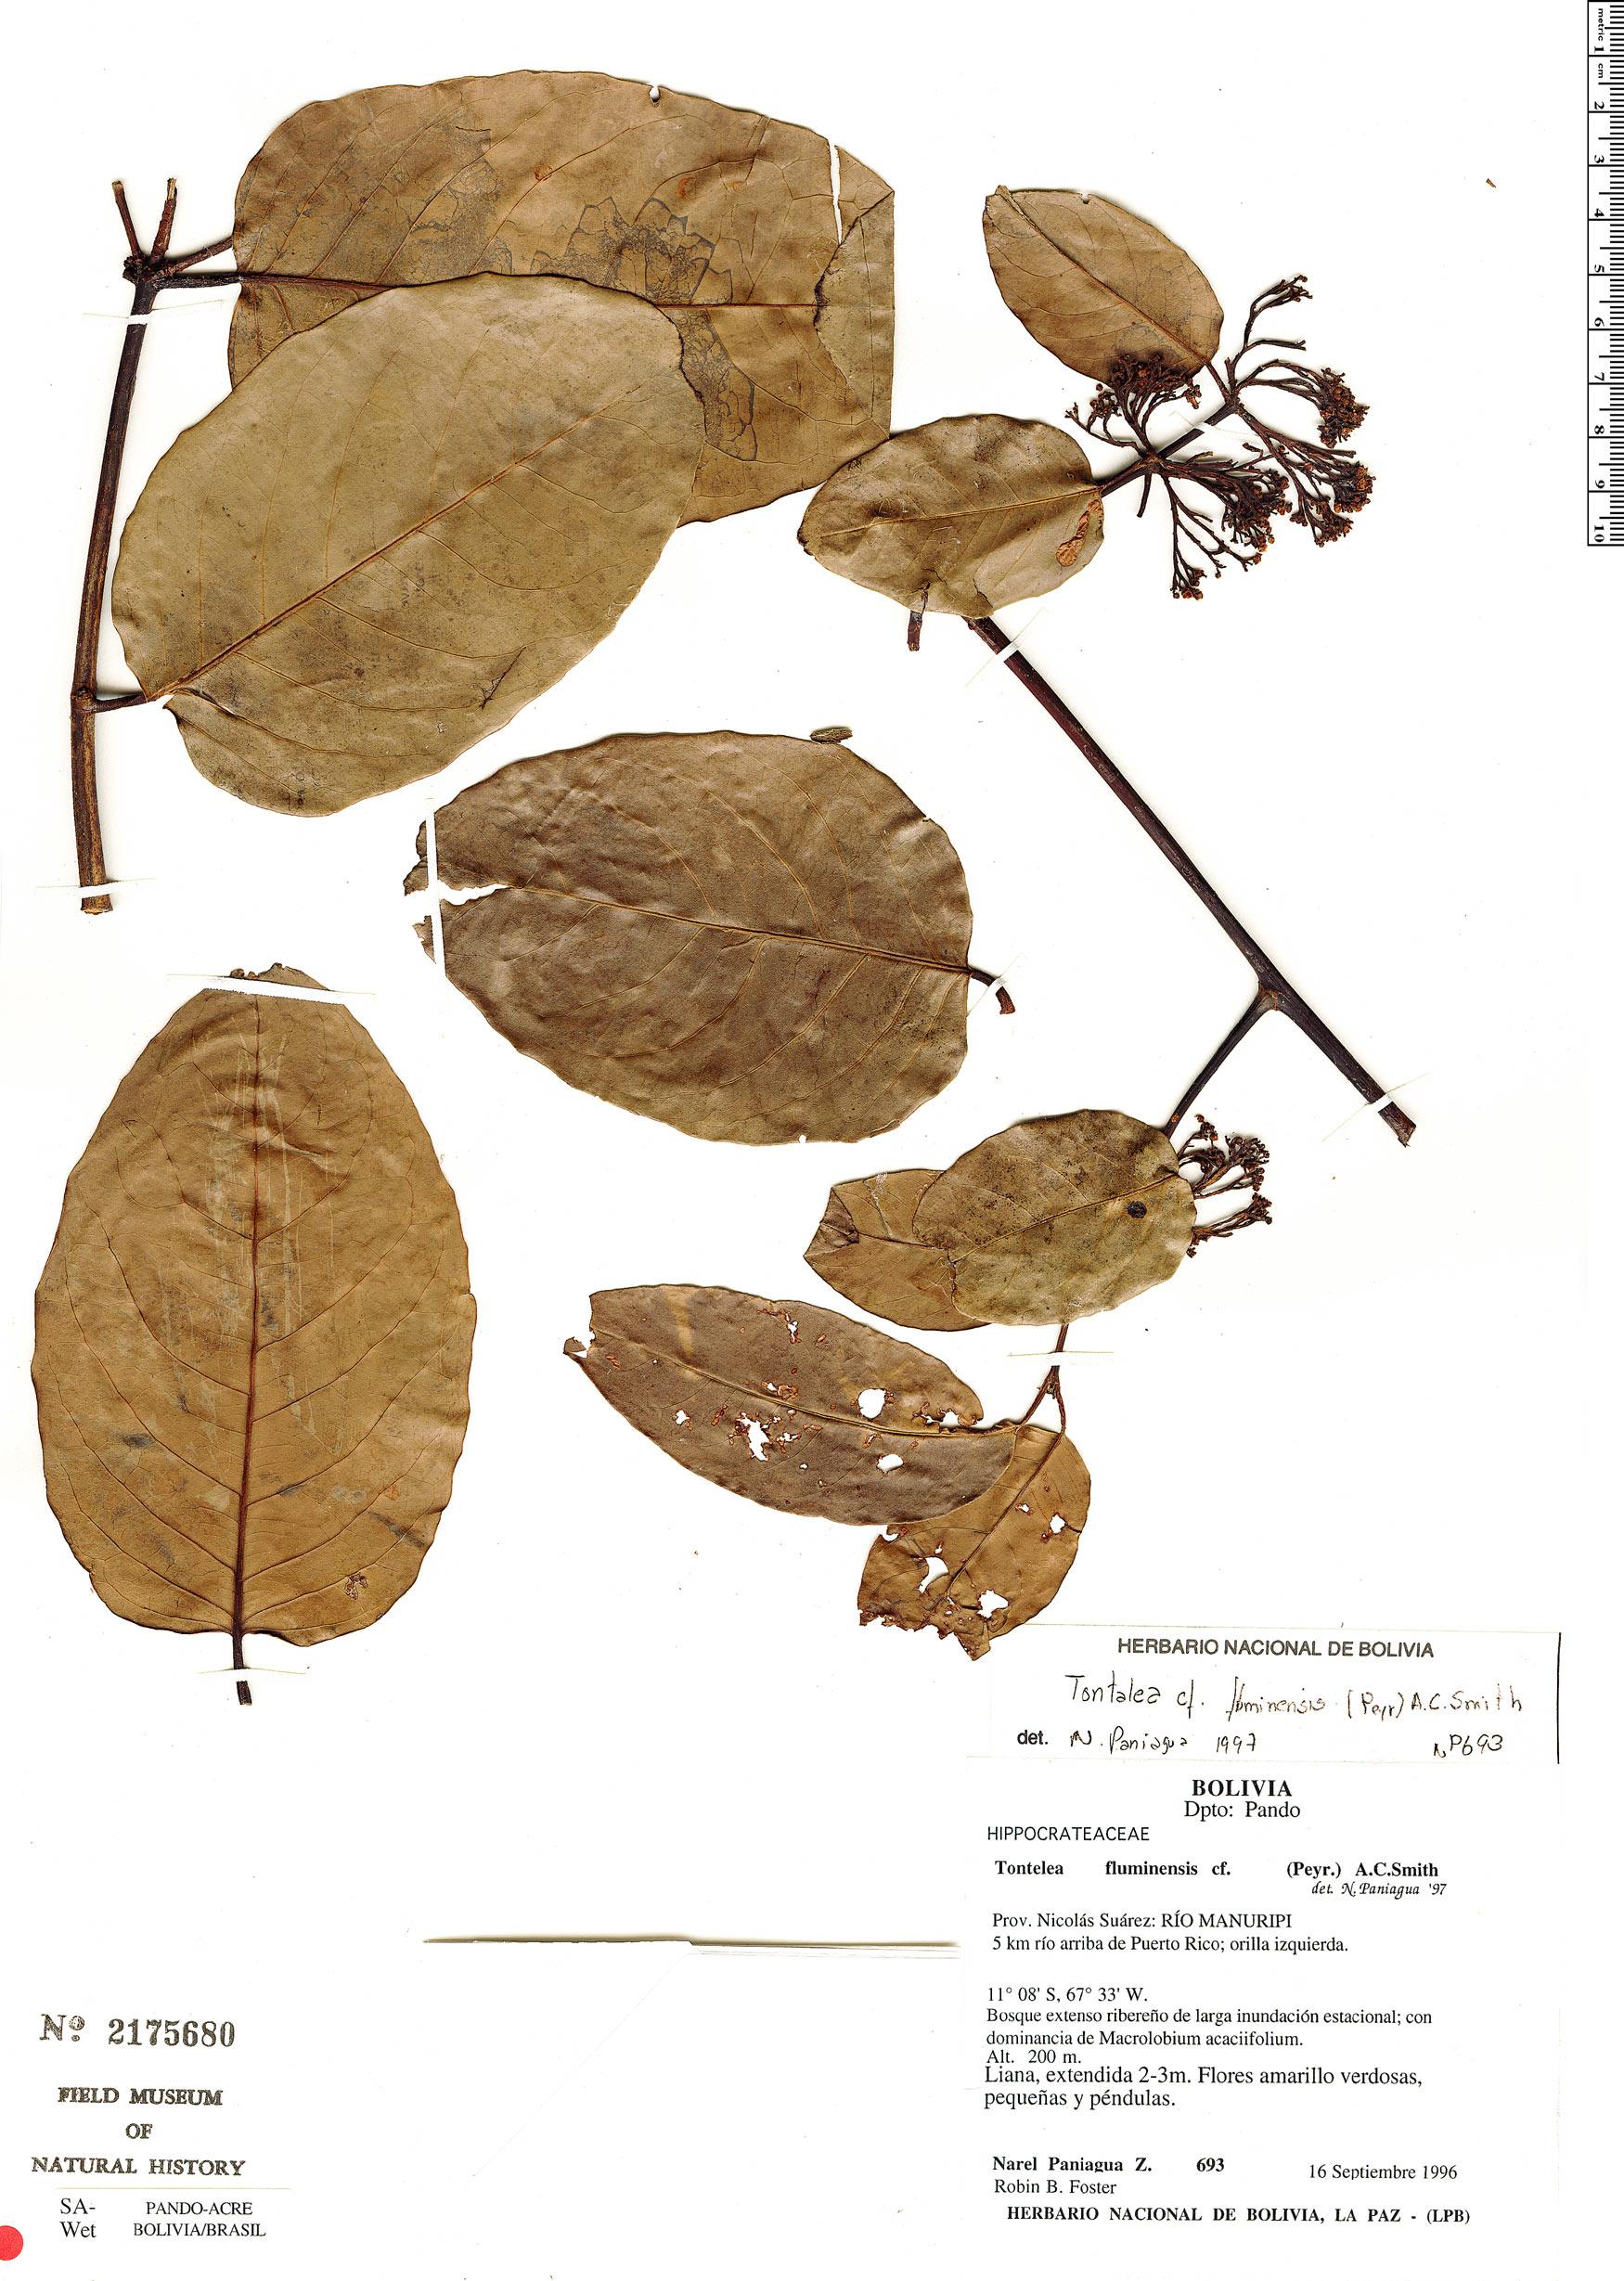 Specimen: Tontelea passiflora